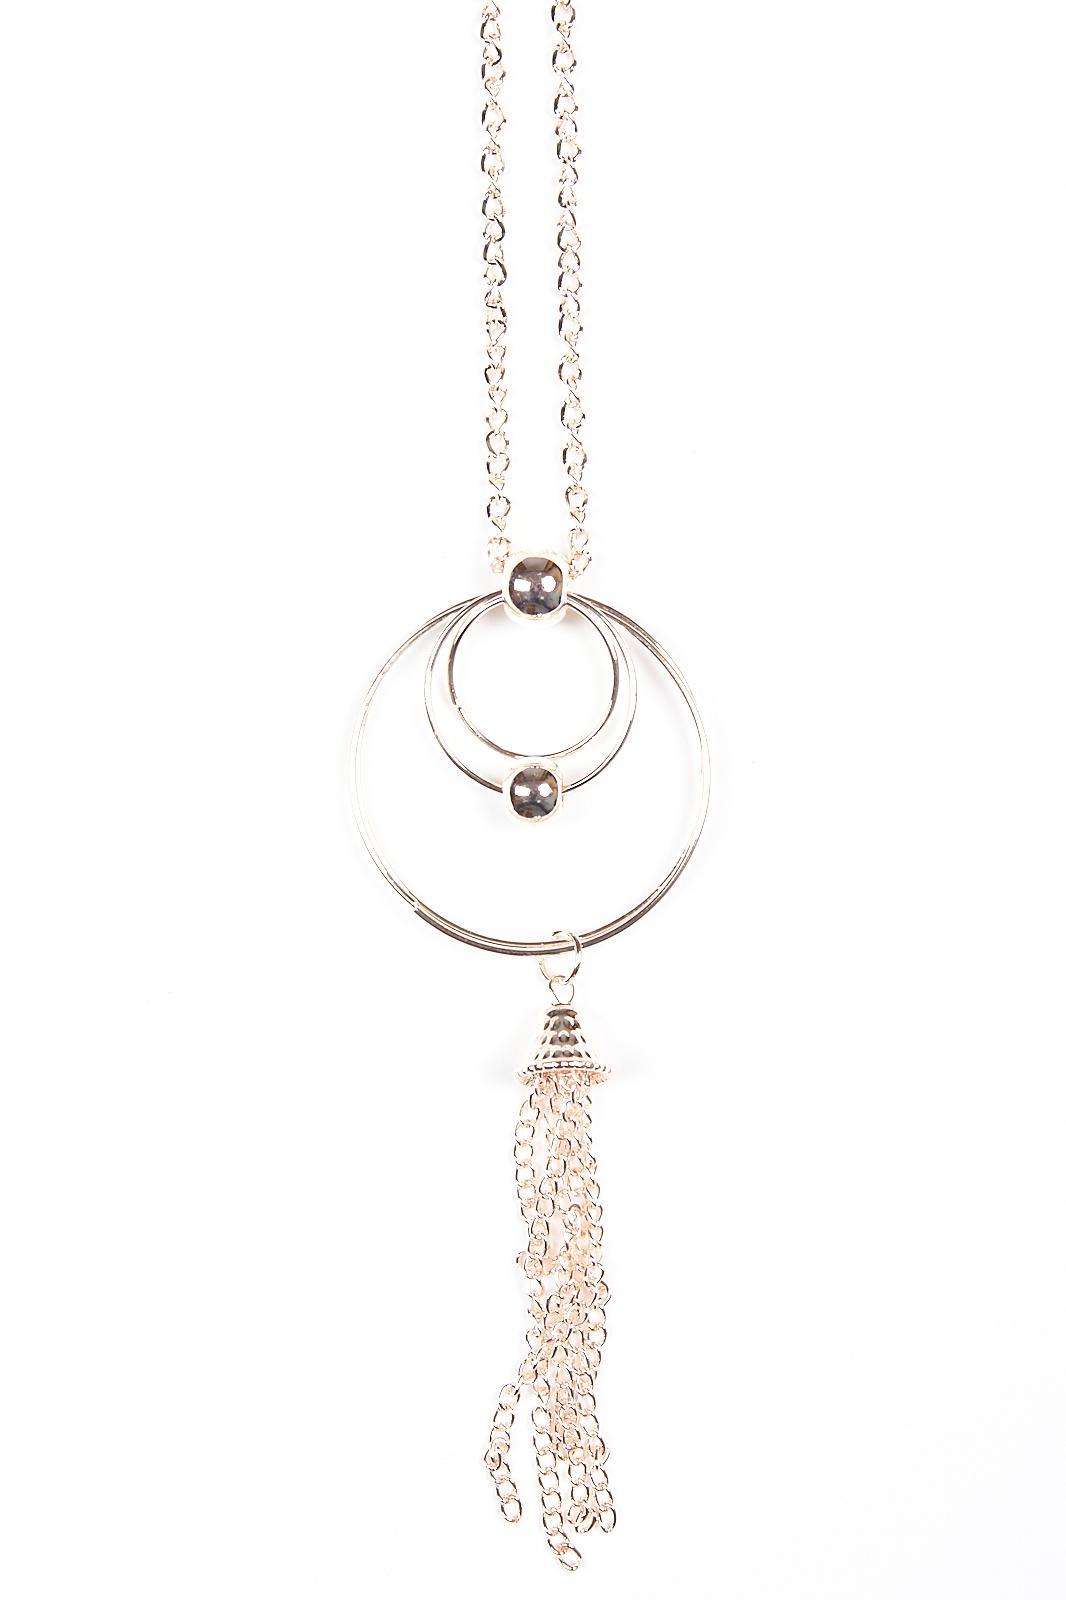 Купить Подвеска Fashion Jewelry, Подвеска 10716-1 золотой, Китай